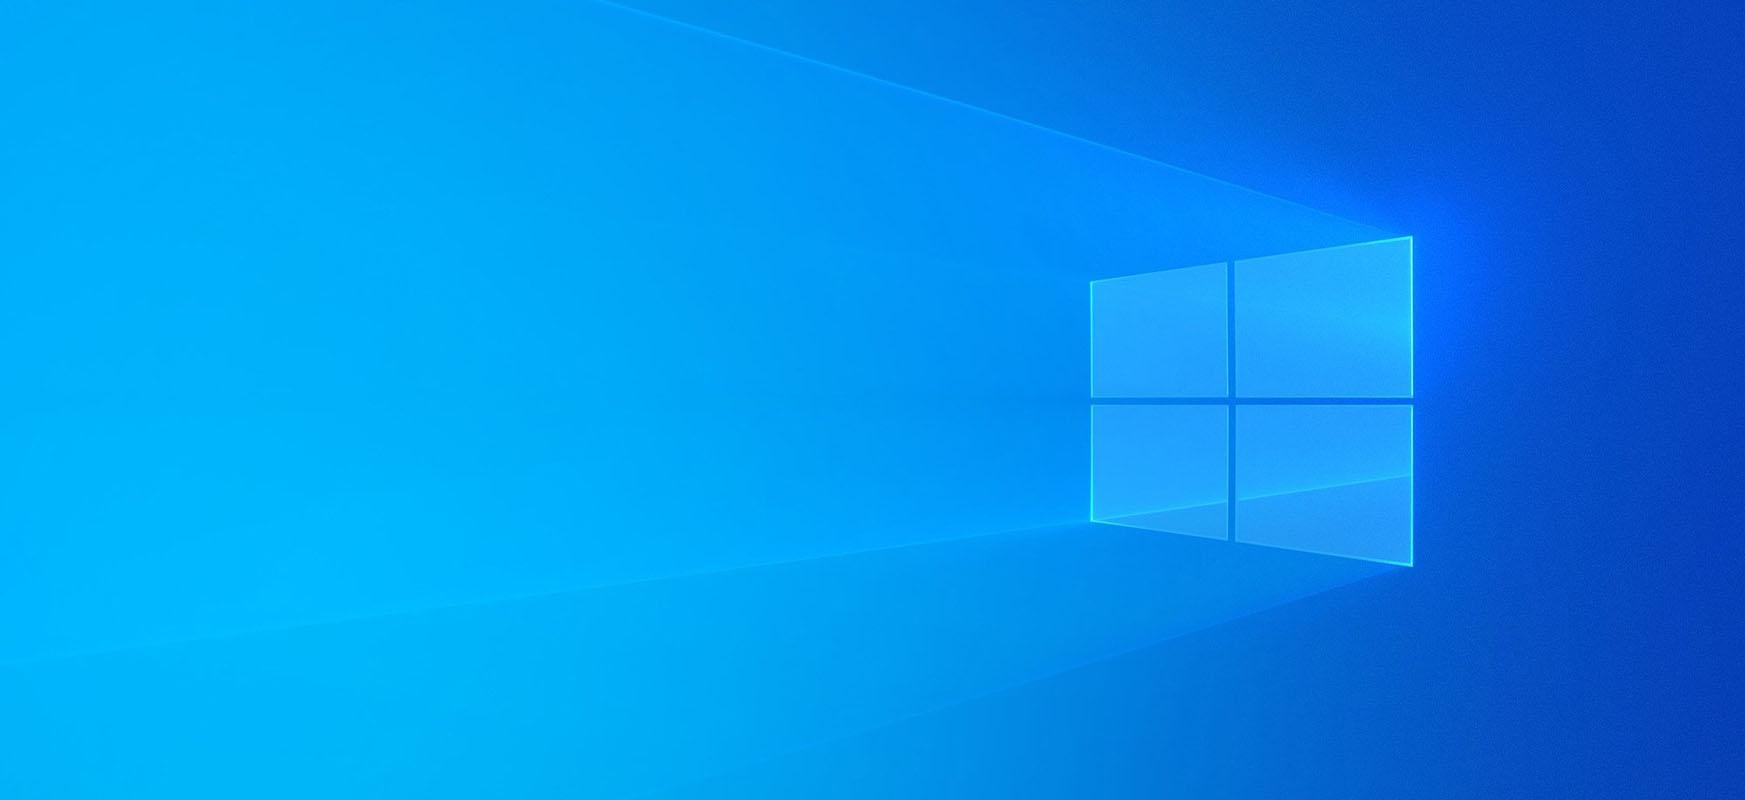 Windows 10 funtzio berririk egin gabe, abisatu berri arte.  Informatikari profesionalek gauza garrantzitsu gehiago dituzte orain